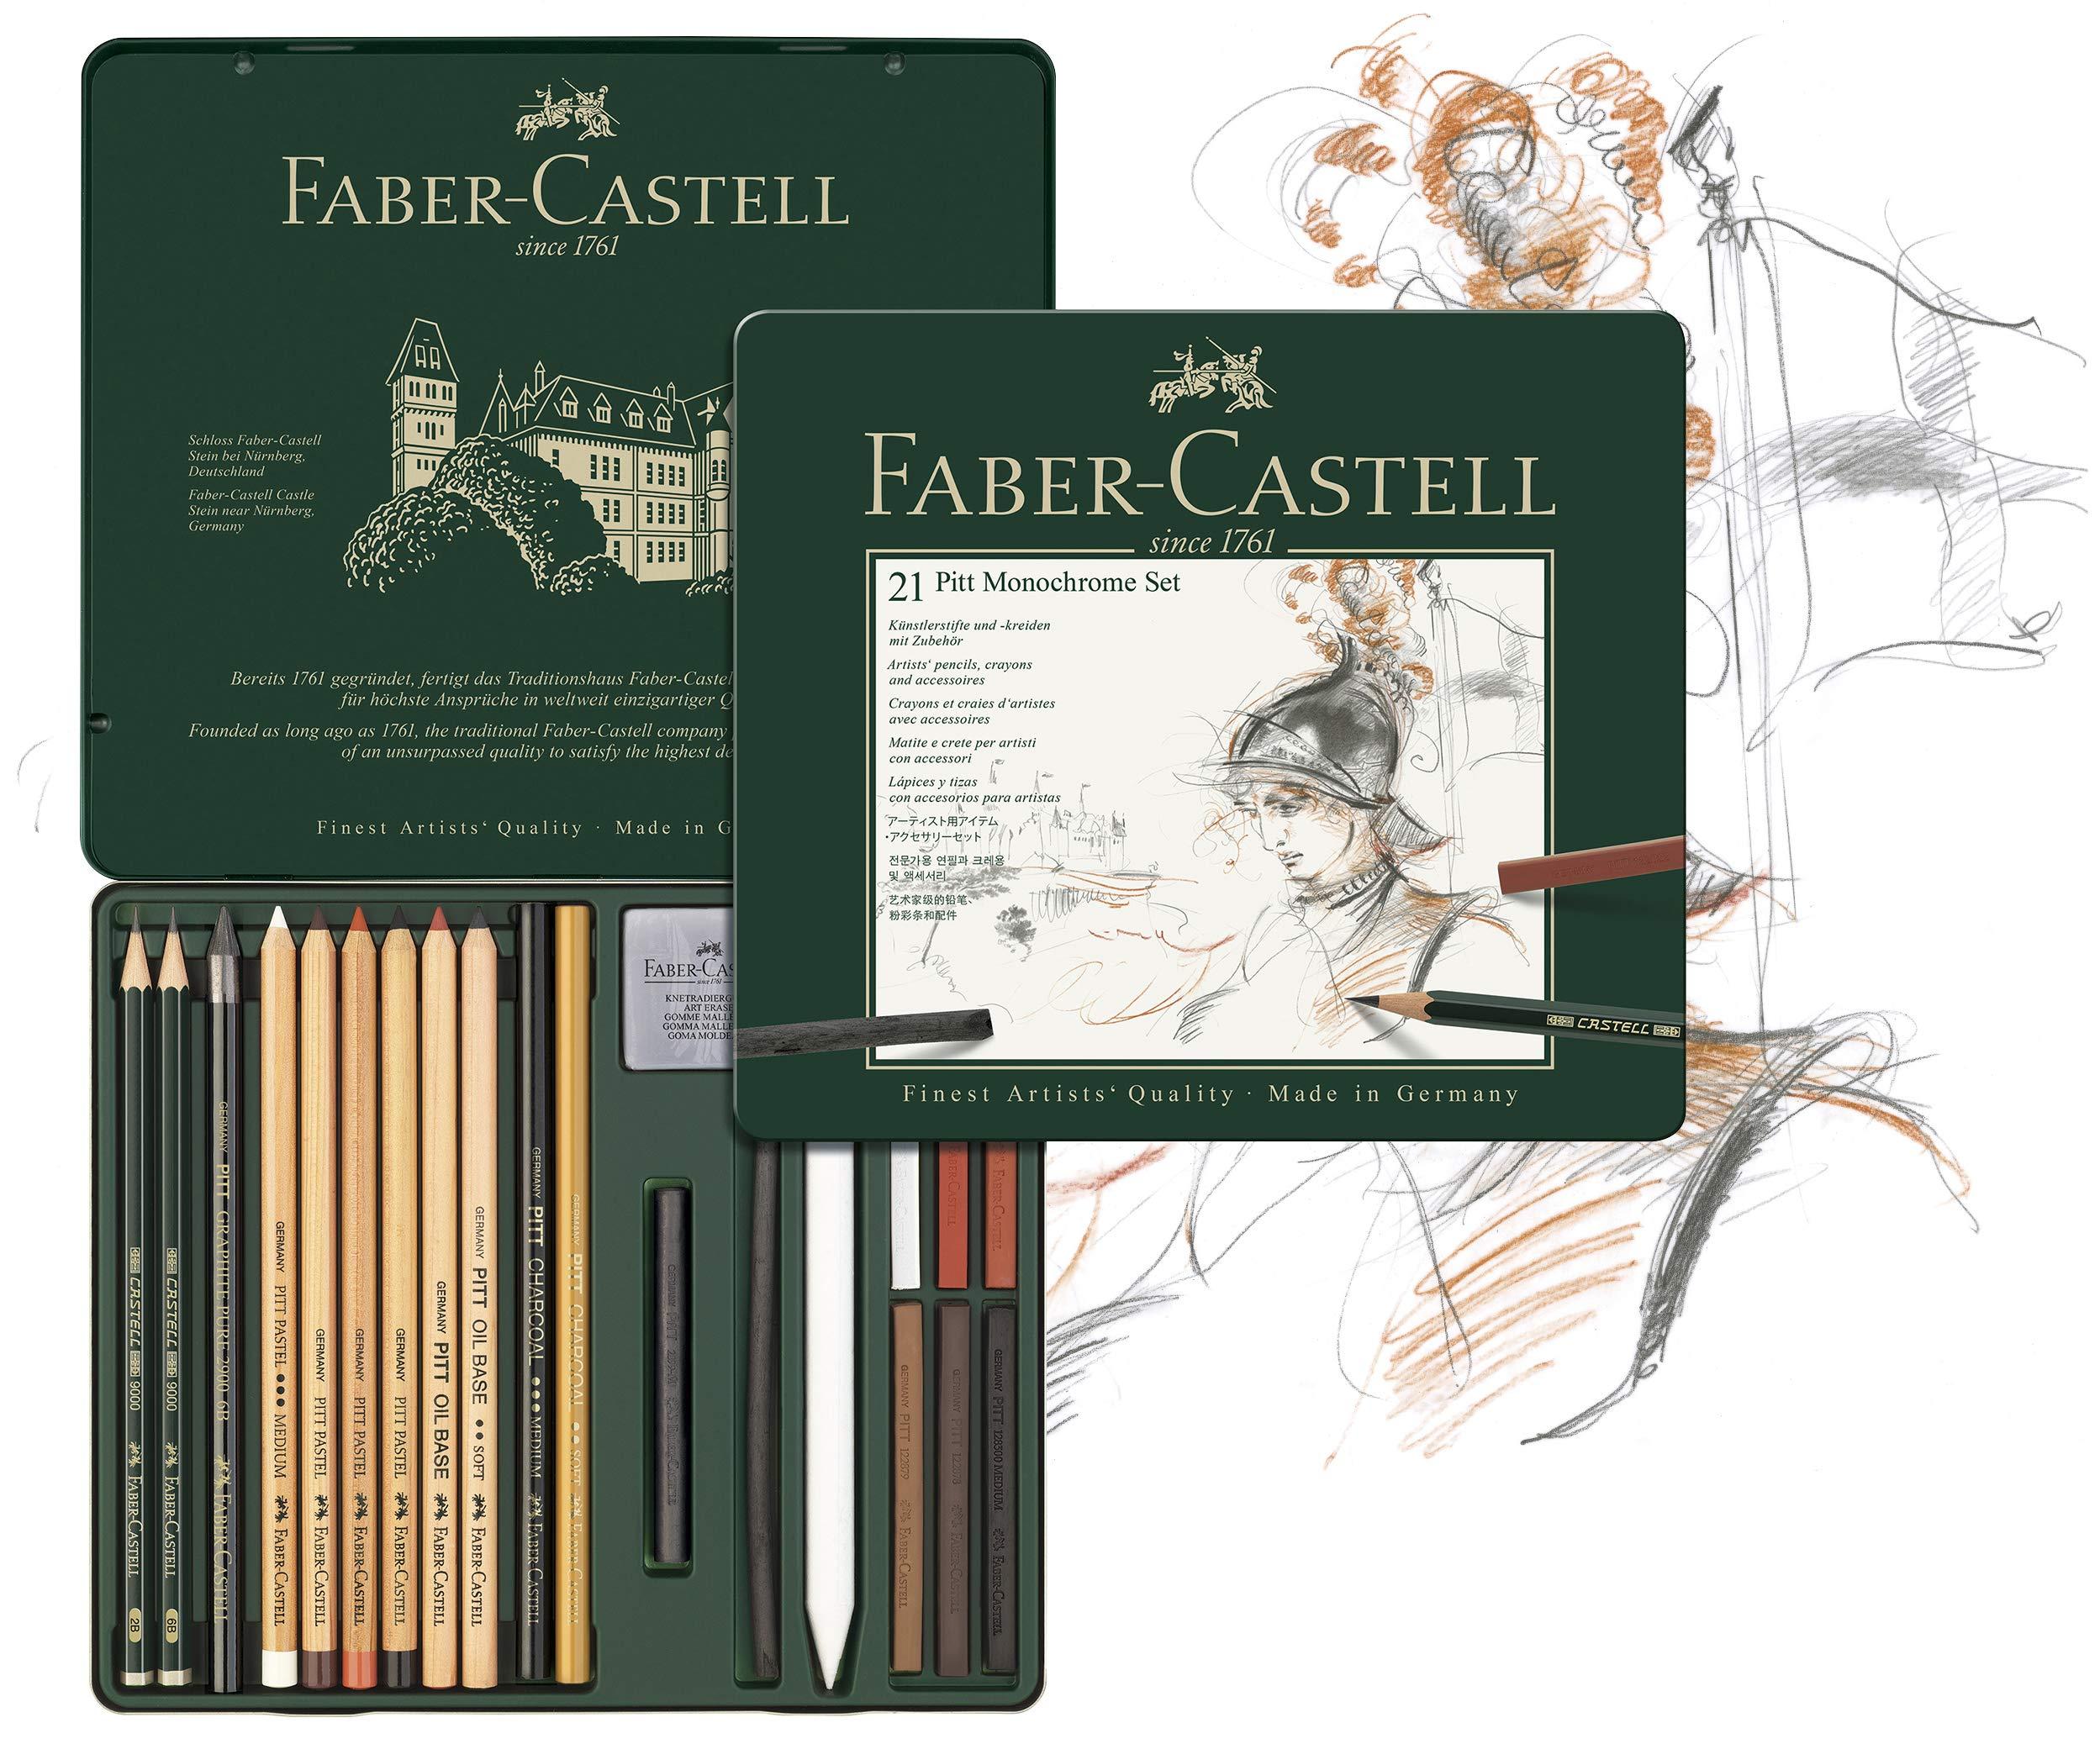 Faber-Castell 112976 - Estuche de metal con 21 piezas, surtido de carbonos, grafitos, ecolápices y tizas: Amazon.es: Oficina y papelería